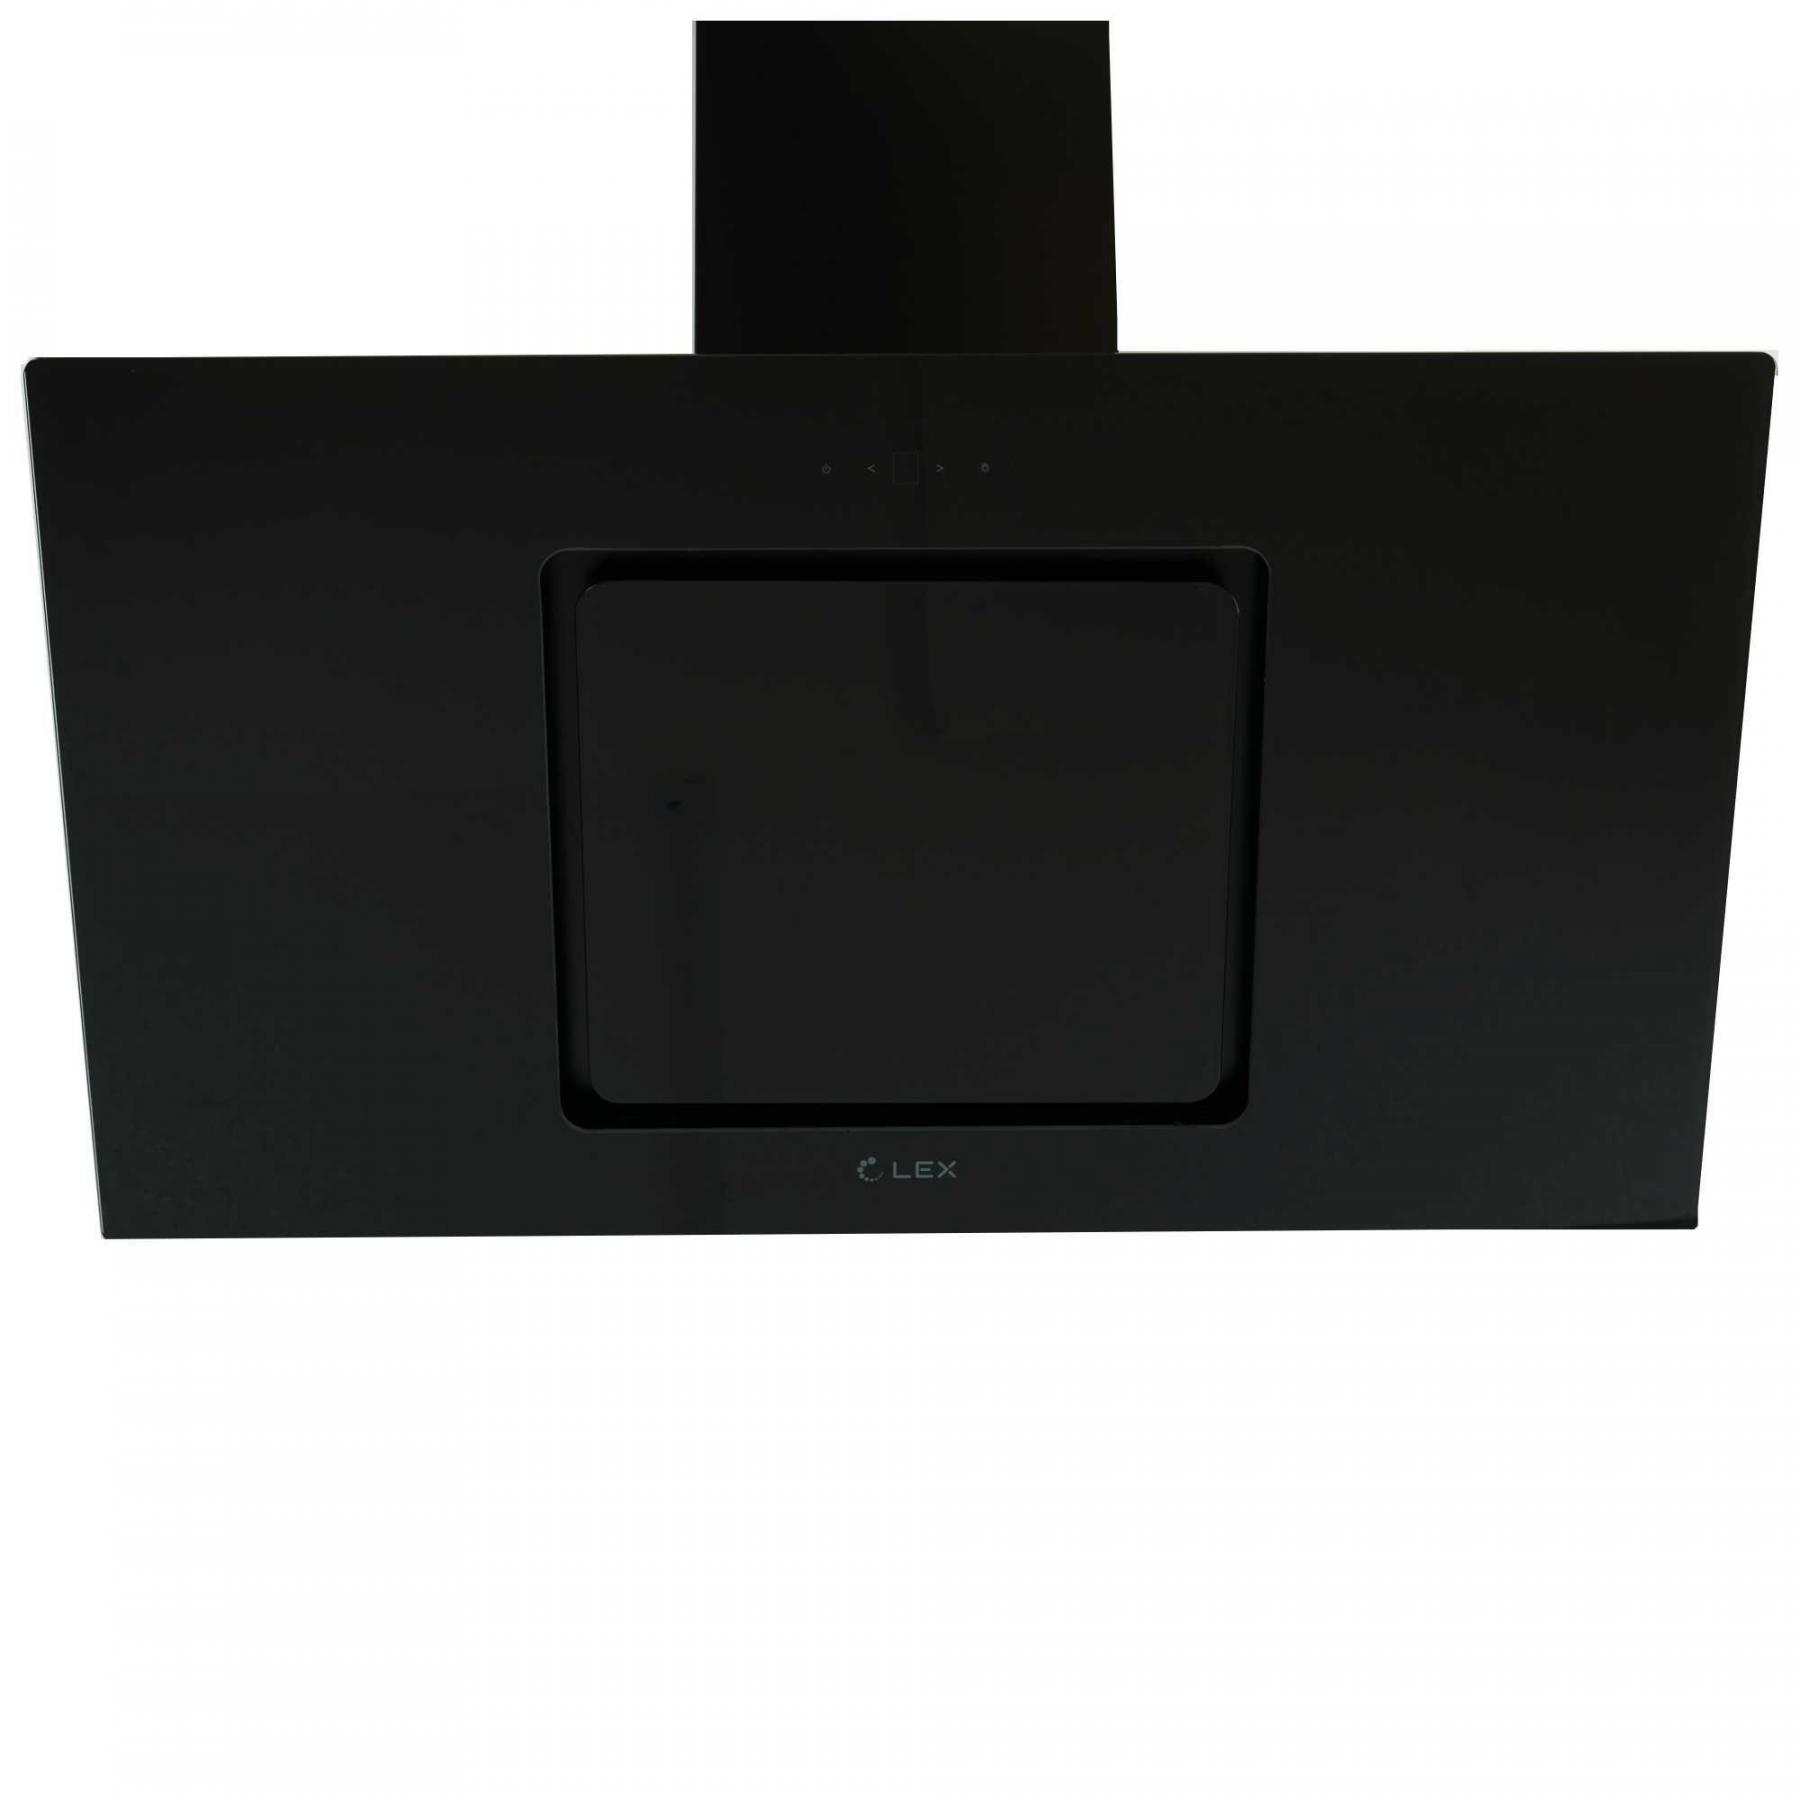 LEX Luna 900 Black